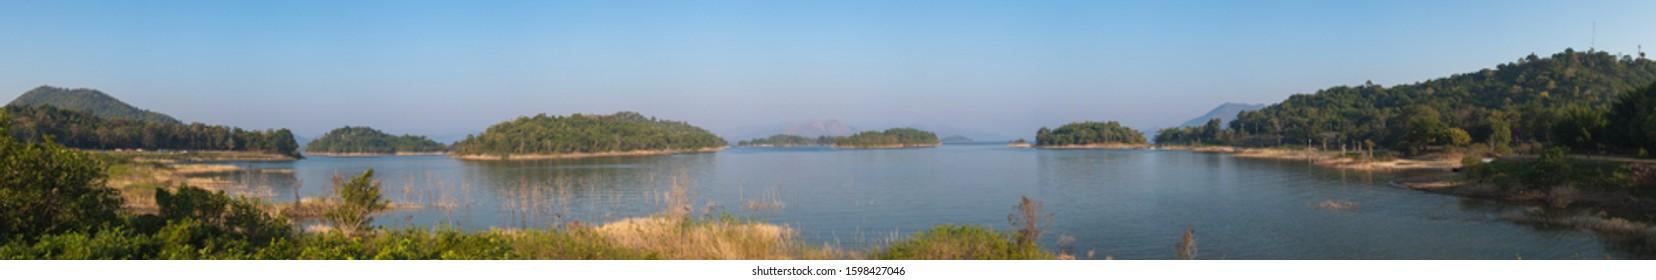 Panorama image of Lake with Rainforest in morning time at Kaeng Krachan National Park, Phetburi, Thailand.